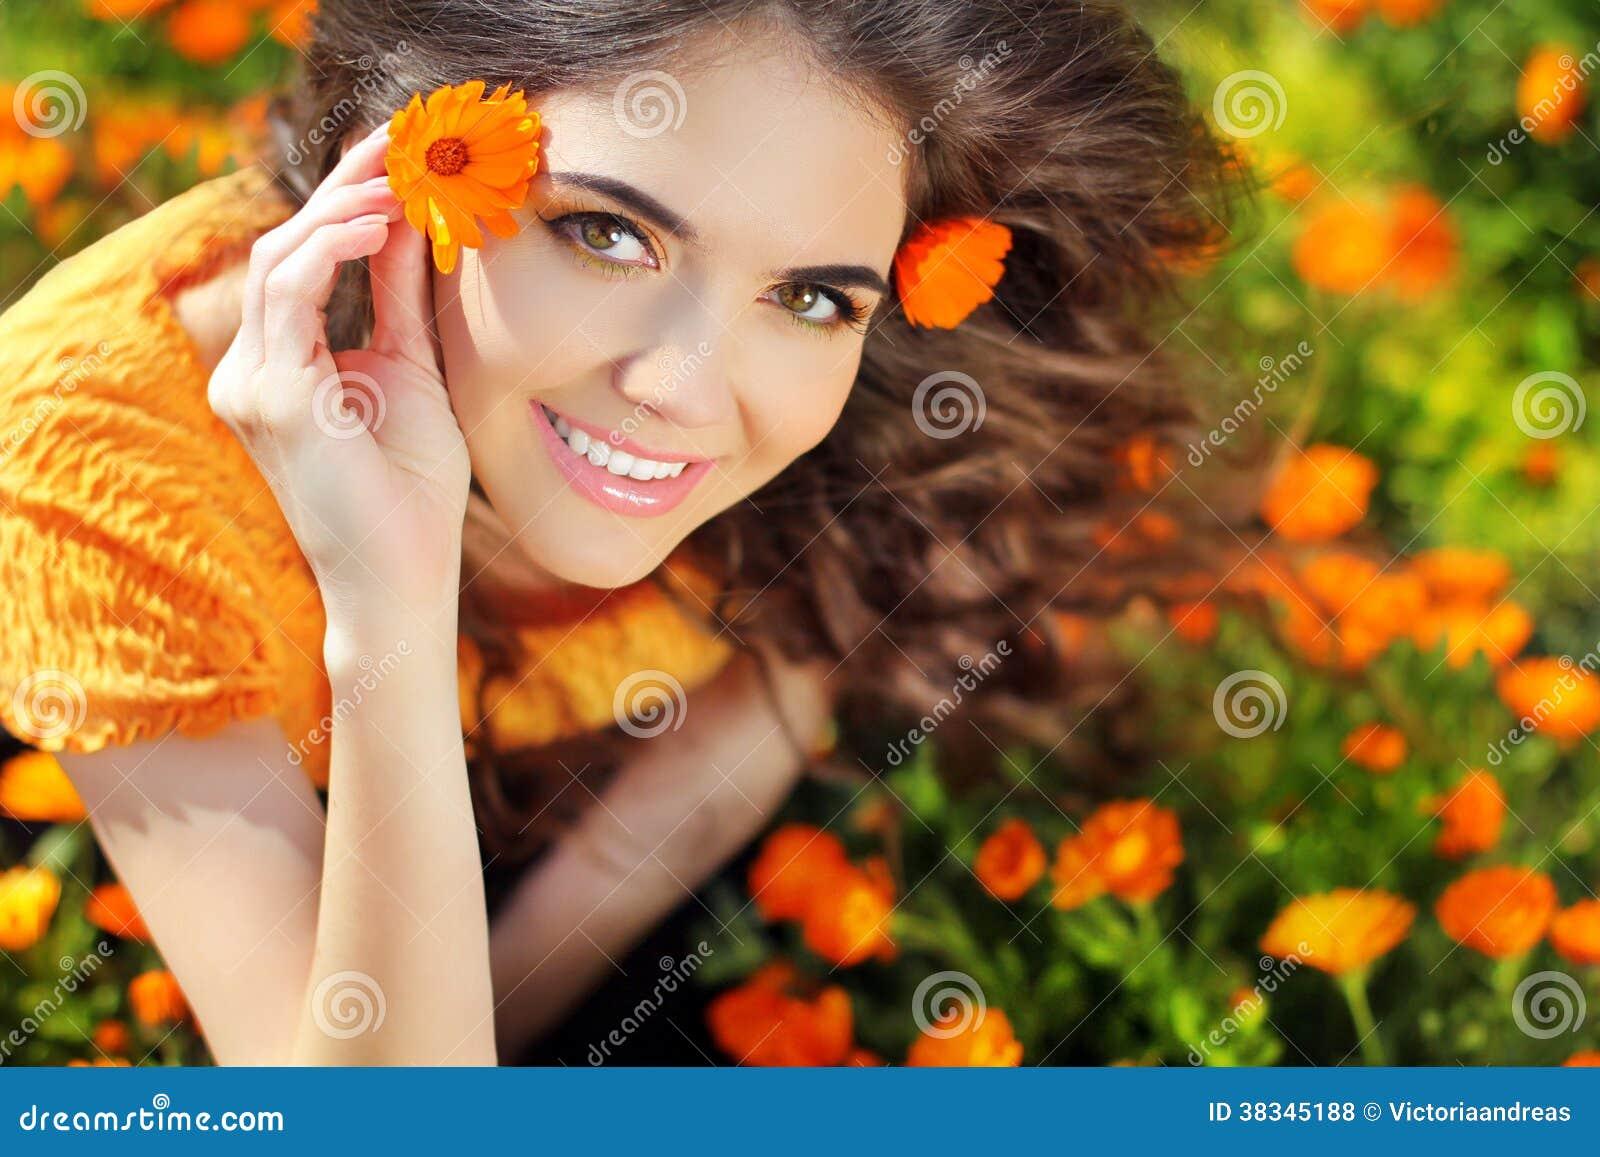 Женщина красоты счастливая романтичная Outdoors. Красивое emb девочка-подростка